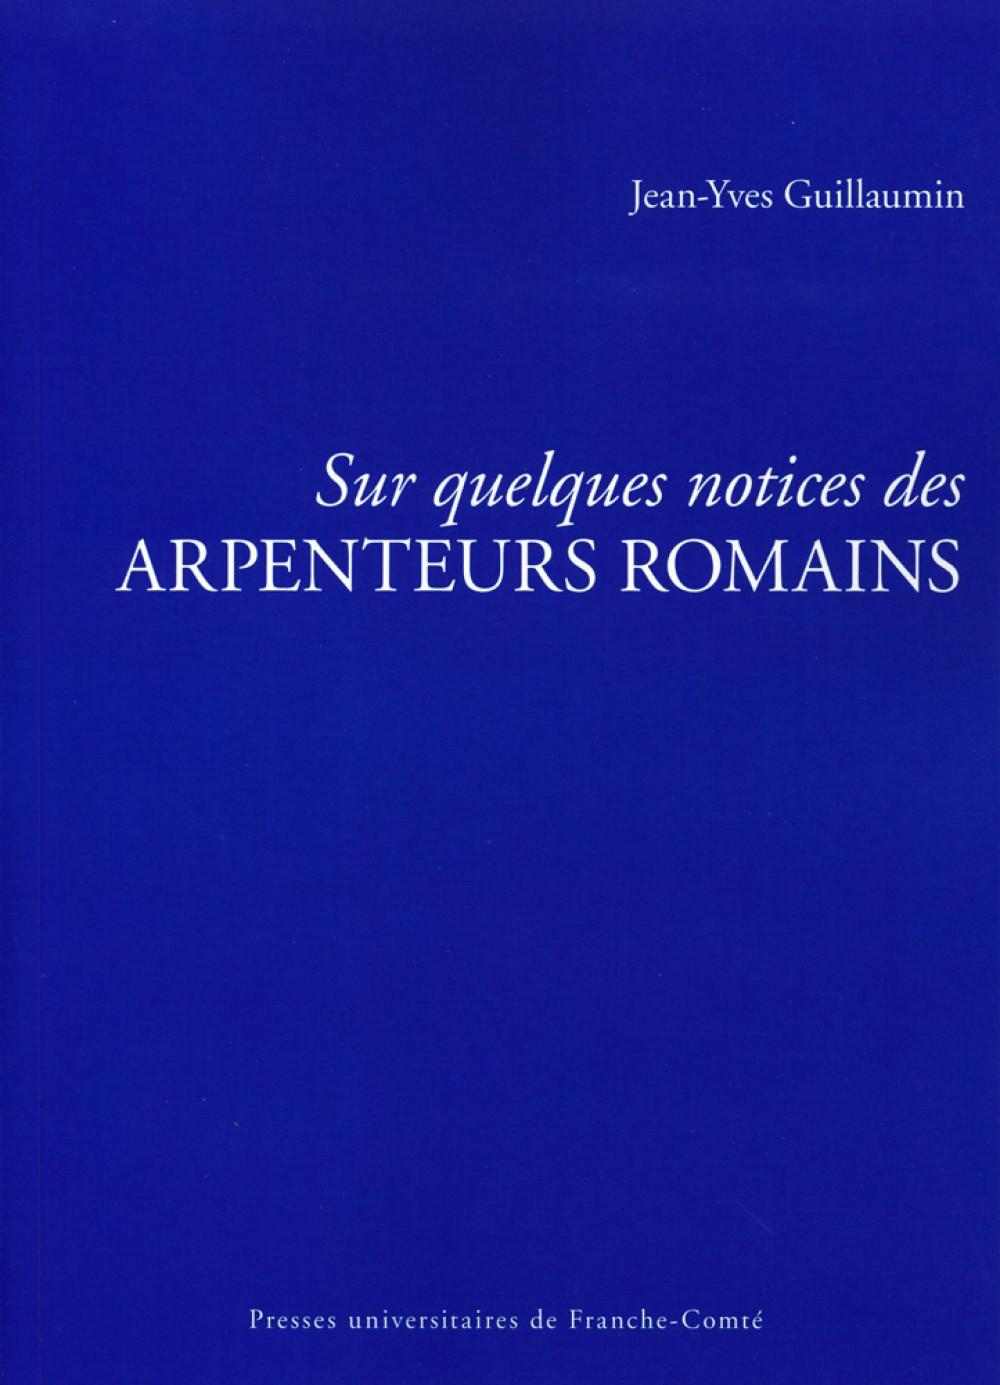 Sur quelques notices des arpenteurs romains